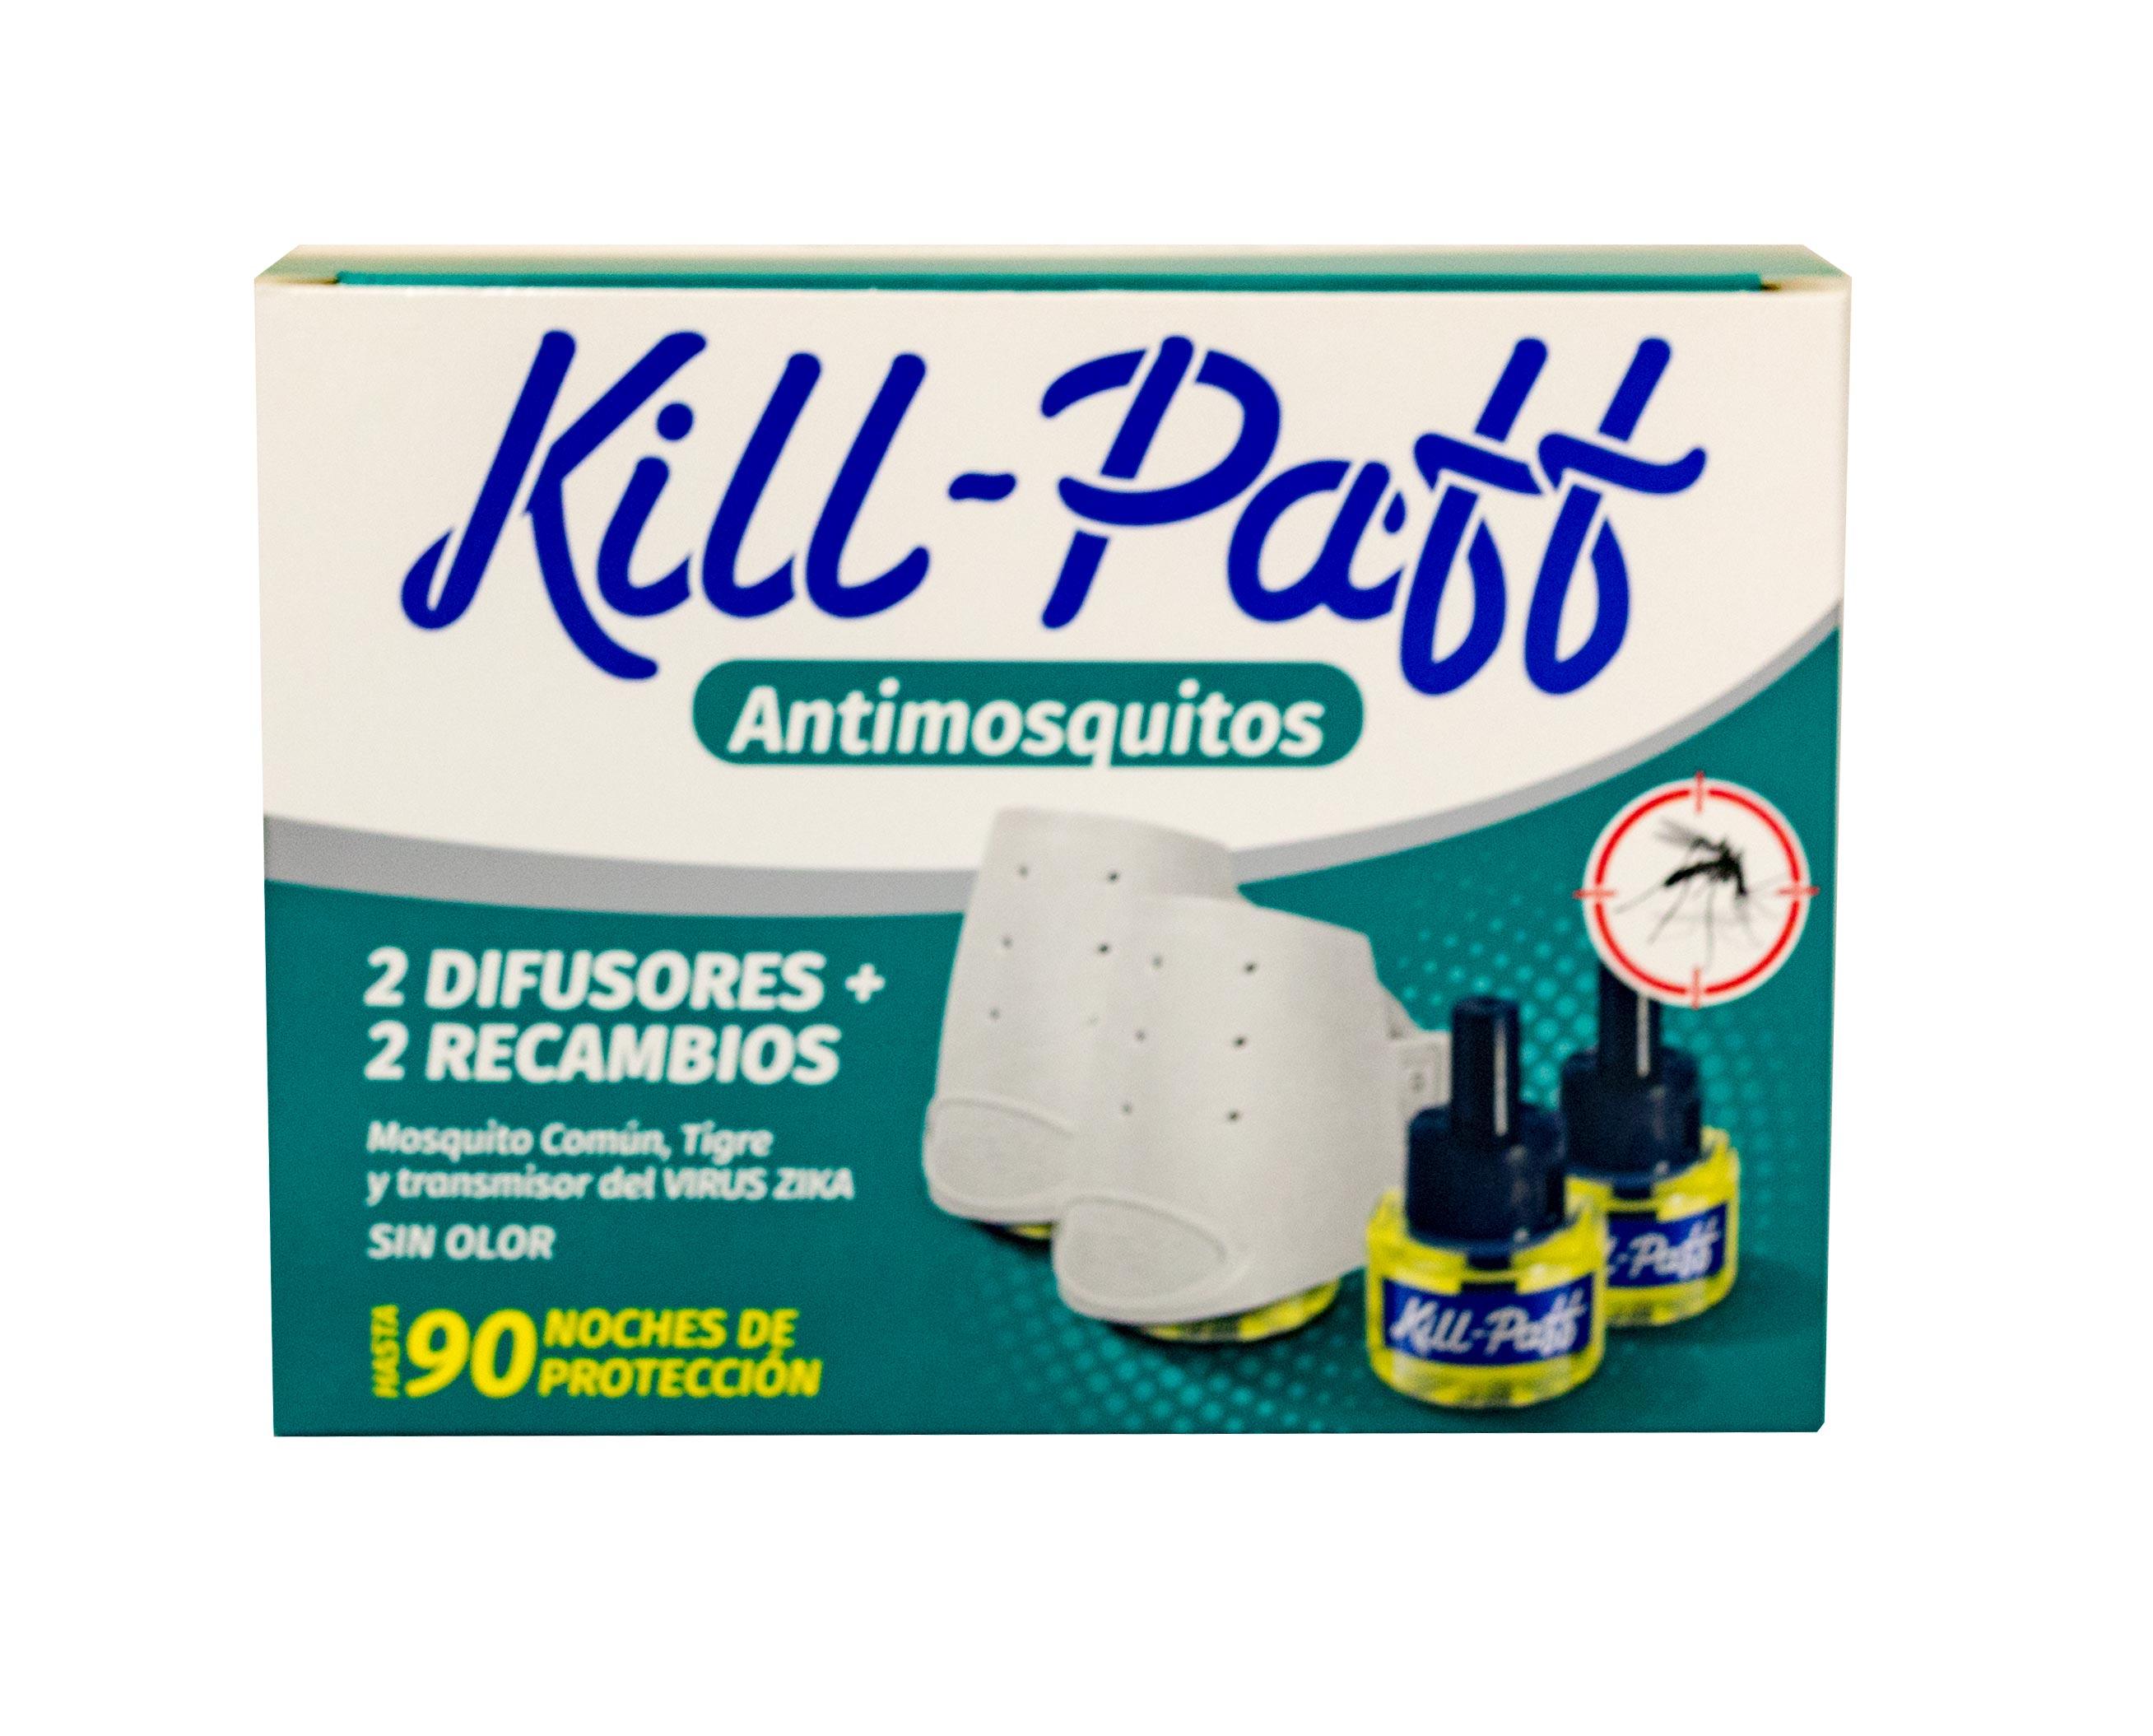 Kill Paff Antimosquitos